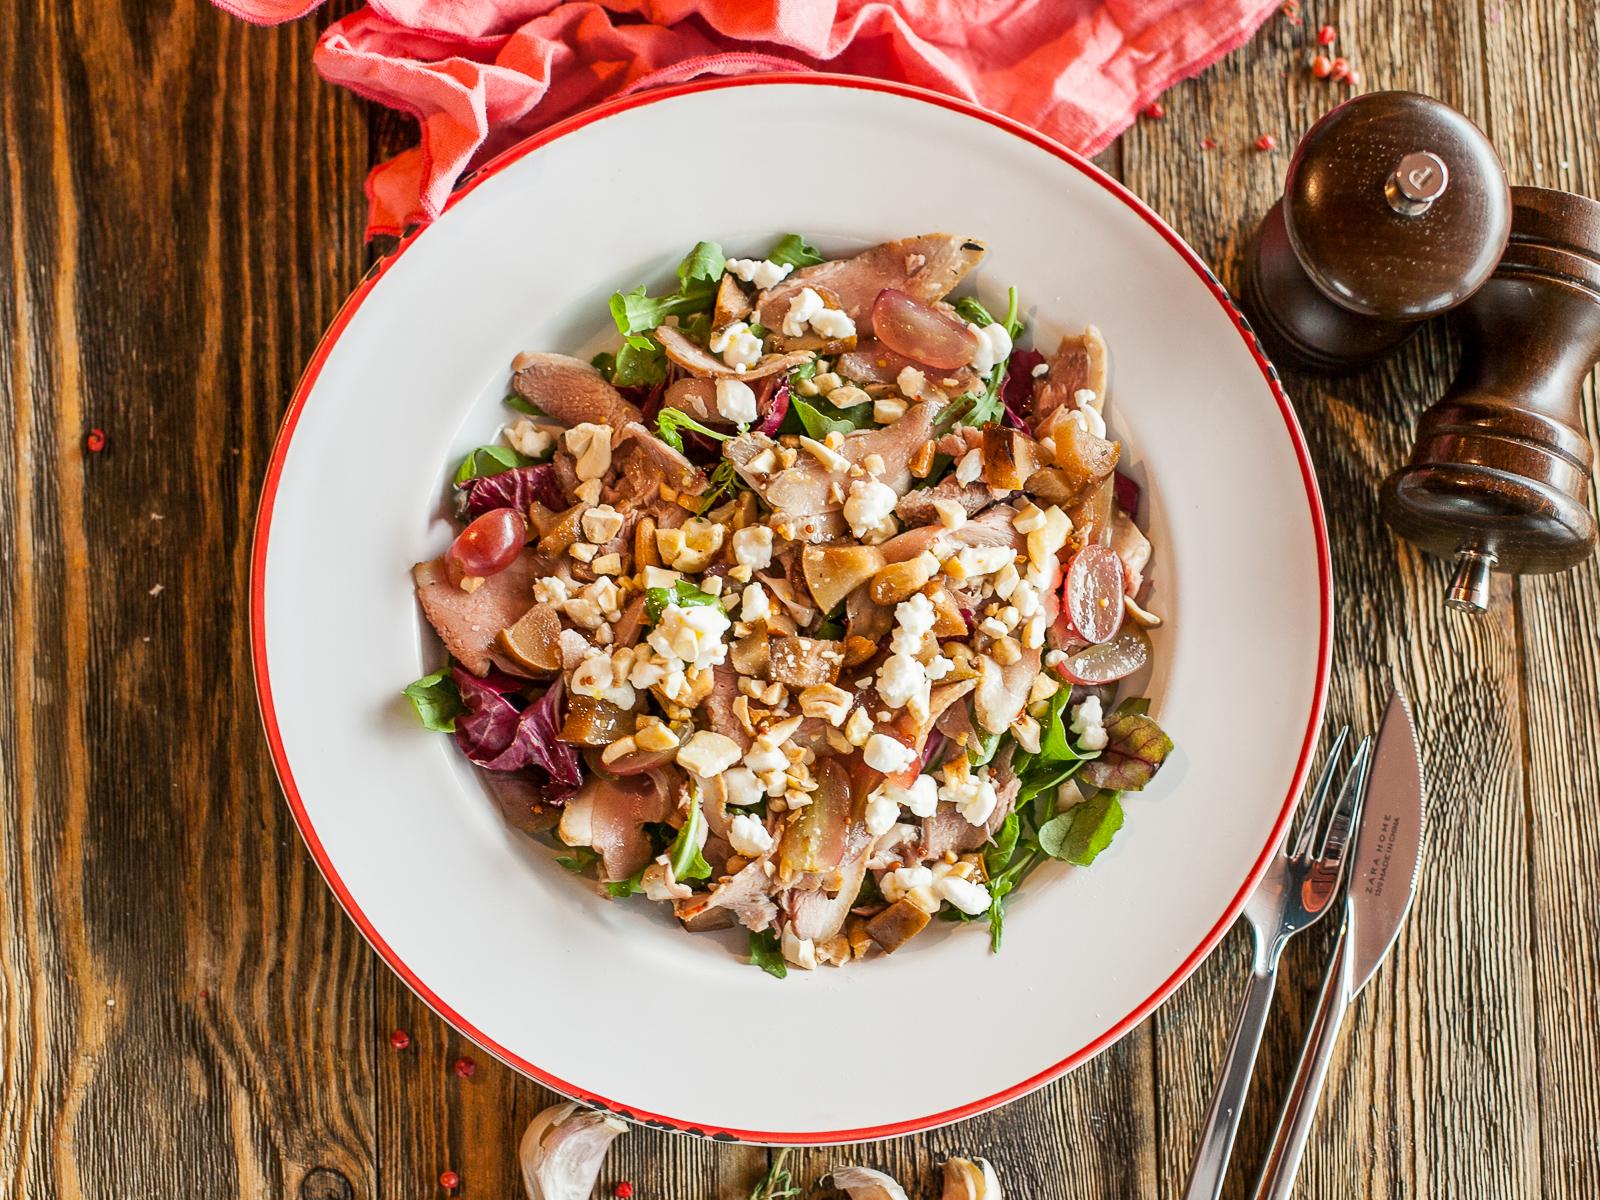 Салат с утиной грудкой и запеченной грушей